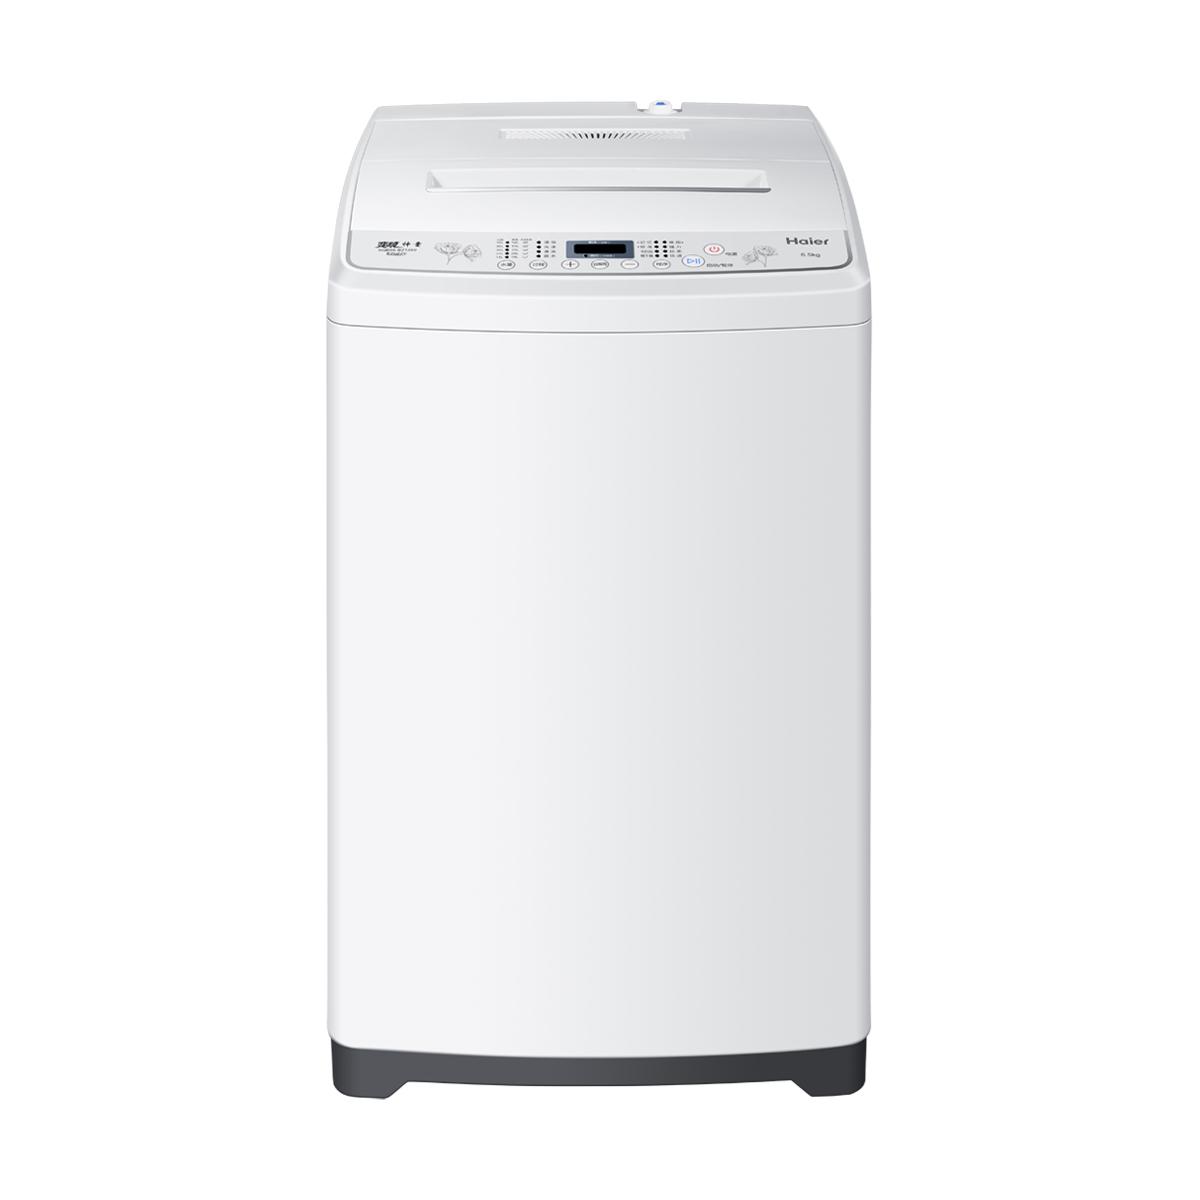 海尔Haier洗衣机 XQB65-BZ1269 说明书